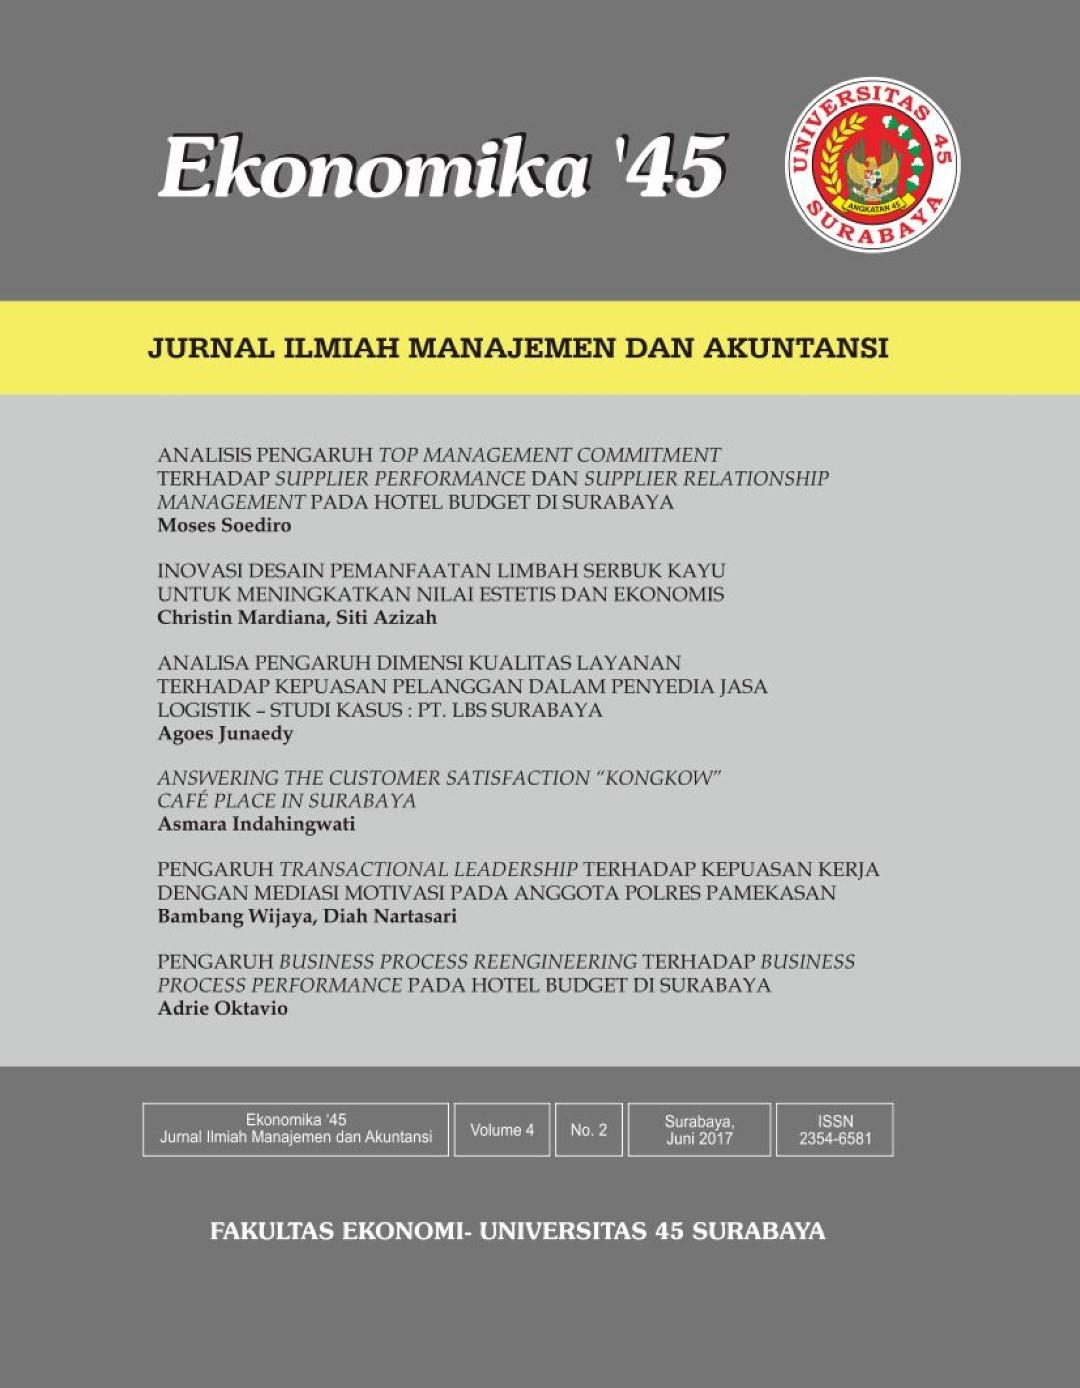 Jurnal Ekonomika Vol. 2 No. 2 Juni 2017